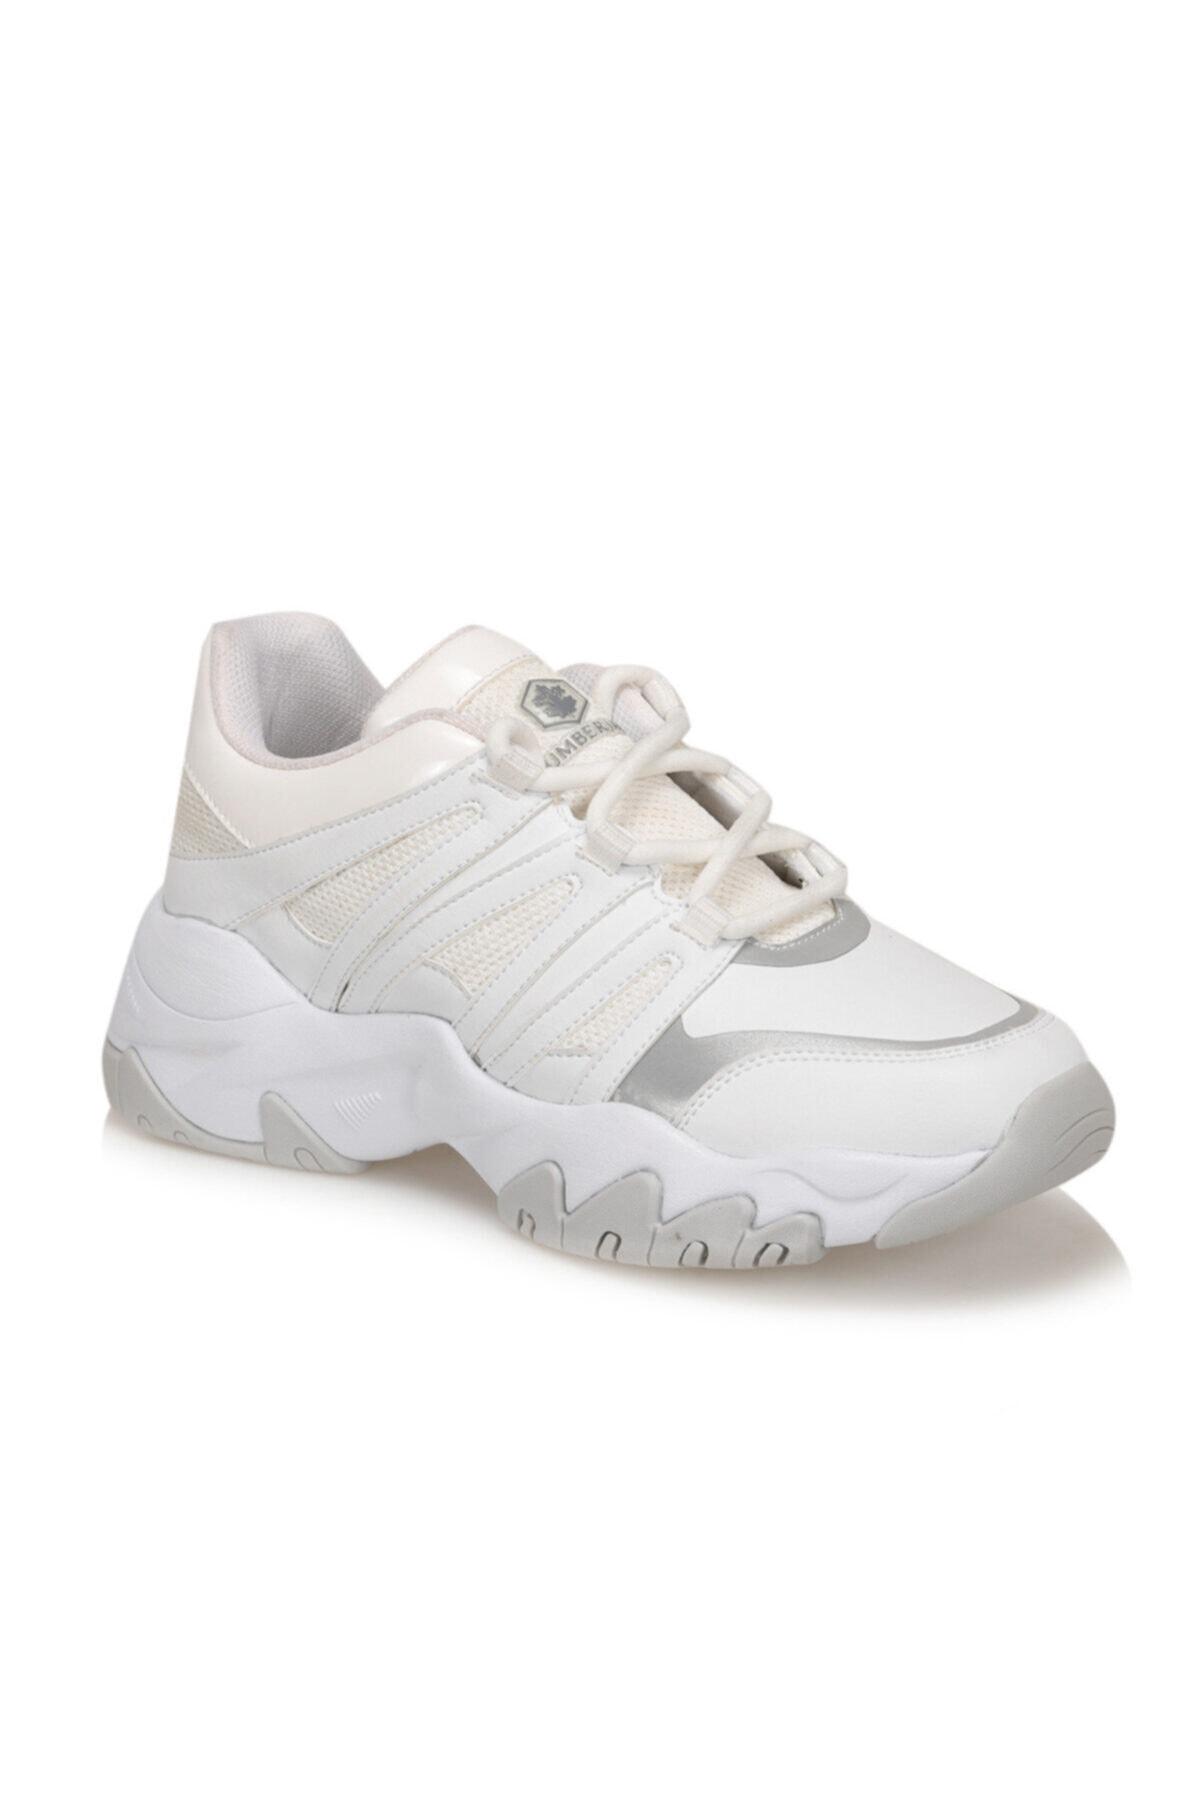 lumberjack MIMOSA Beyaz Kadın Sneaker Ayakkabı 100549966 1